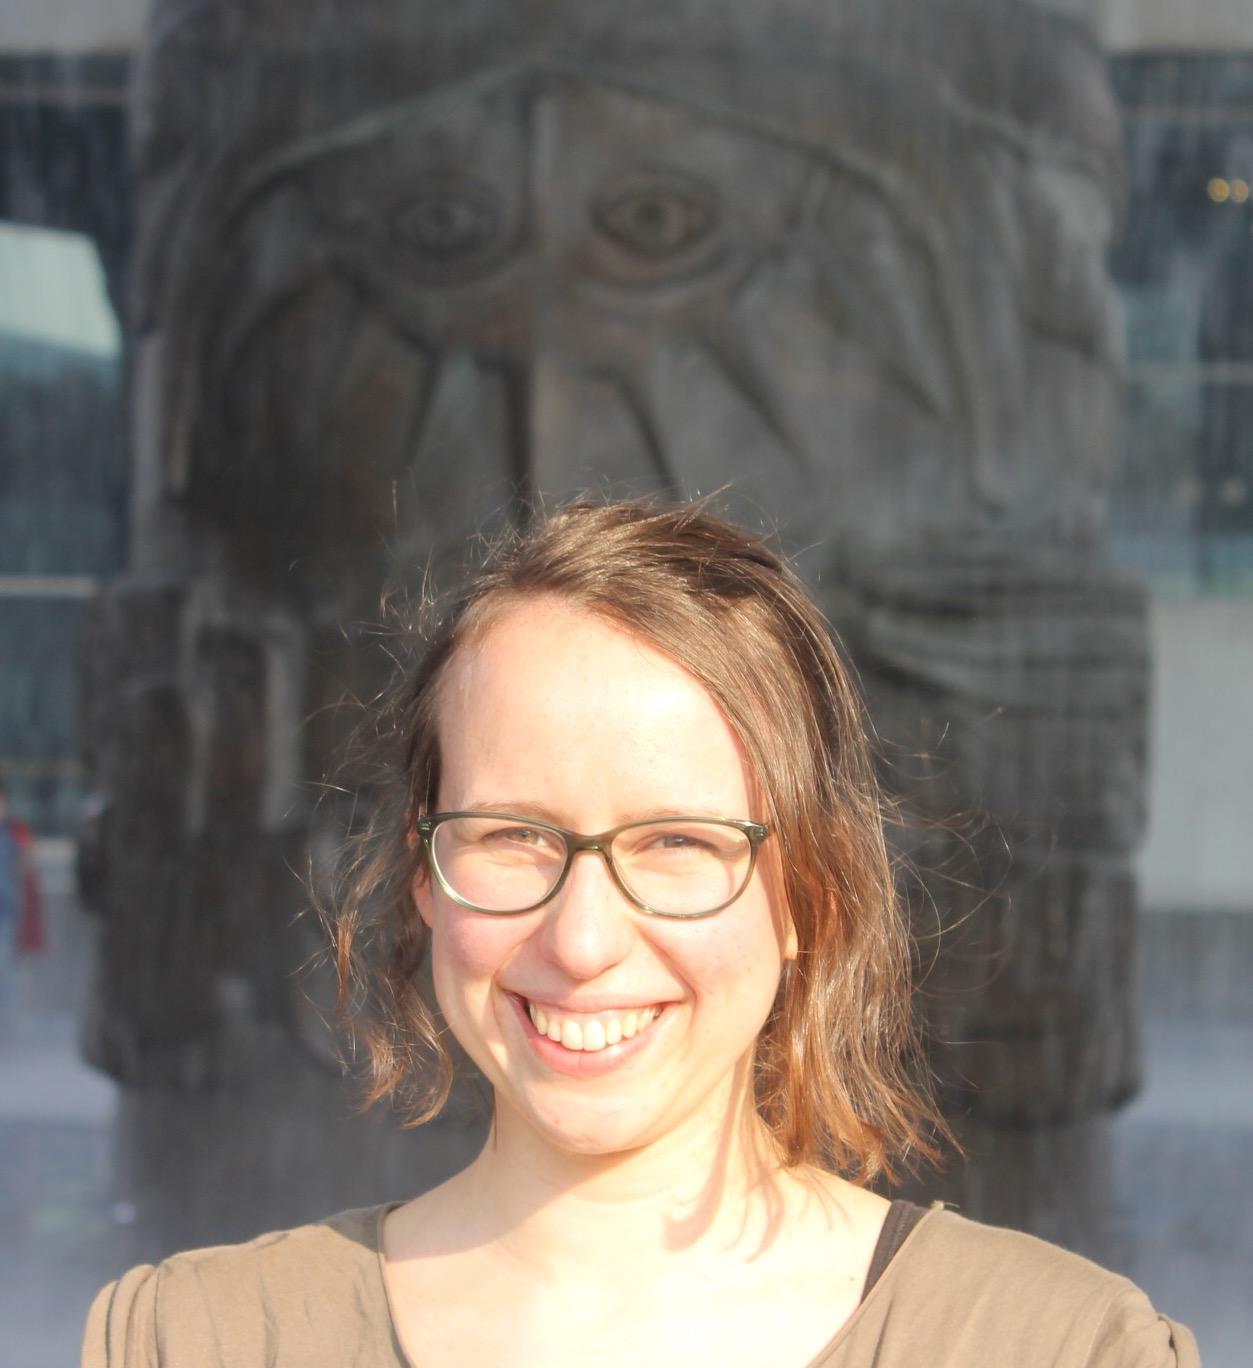 Laura Reinelt